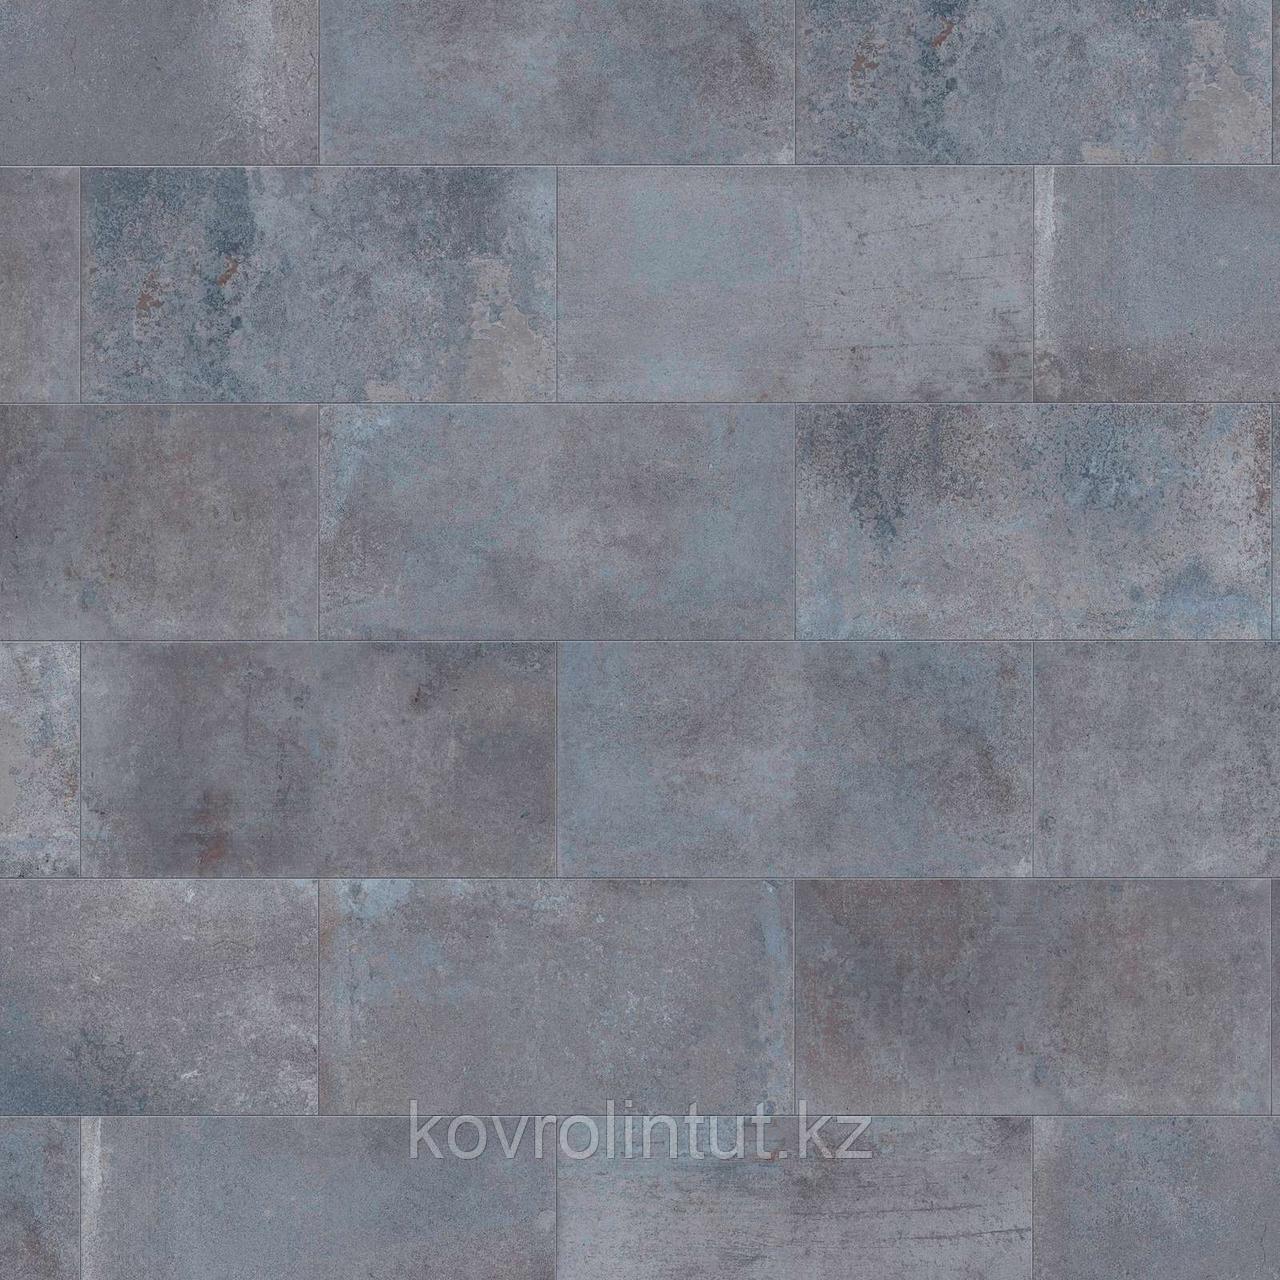 Ламинат Classen Visio Grande Бетон Серый